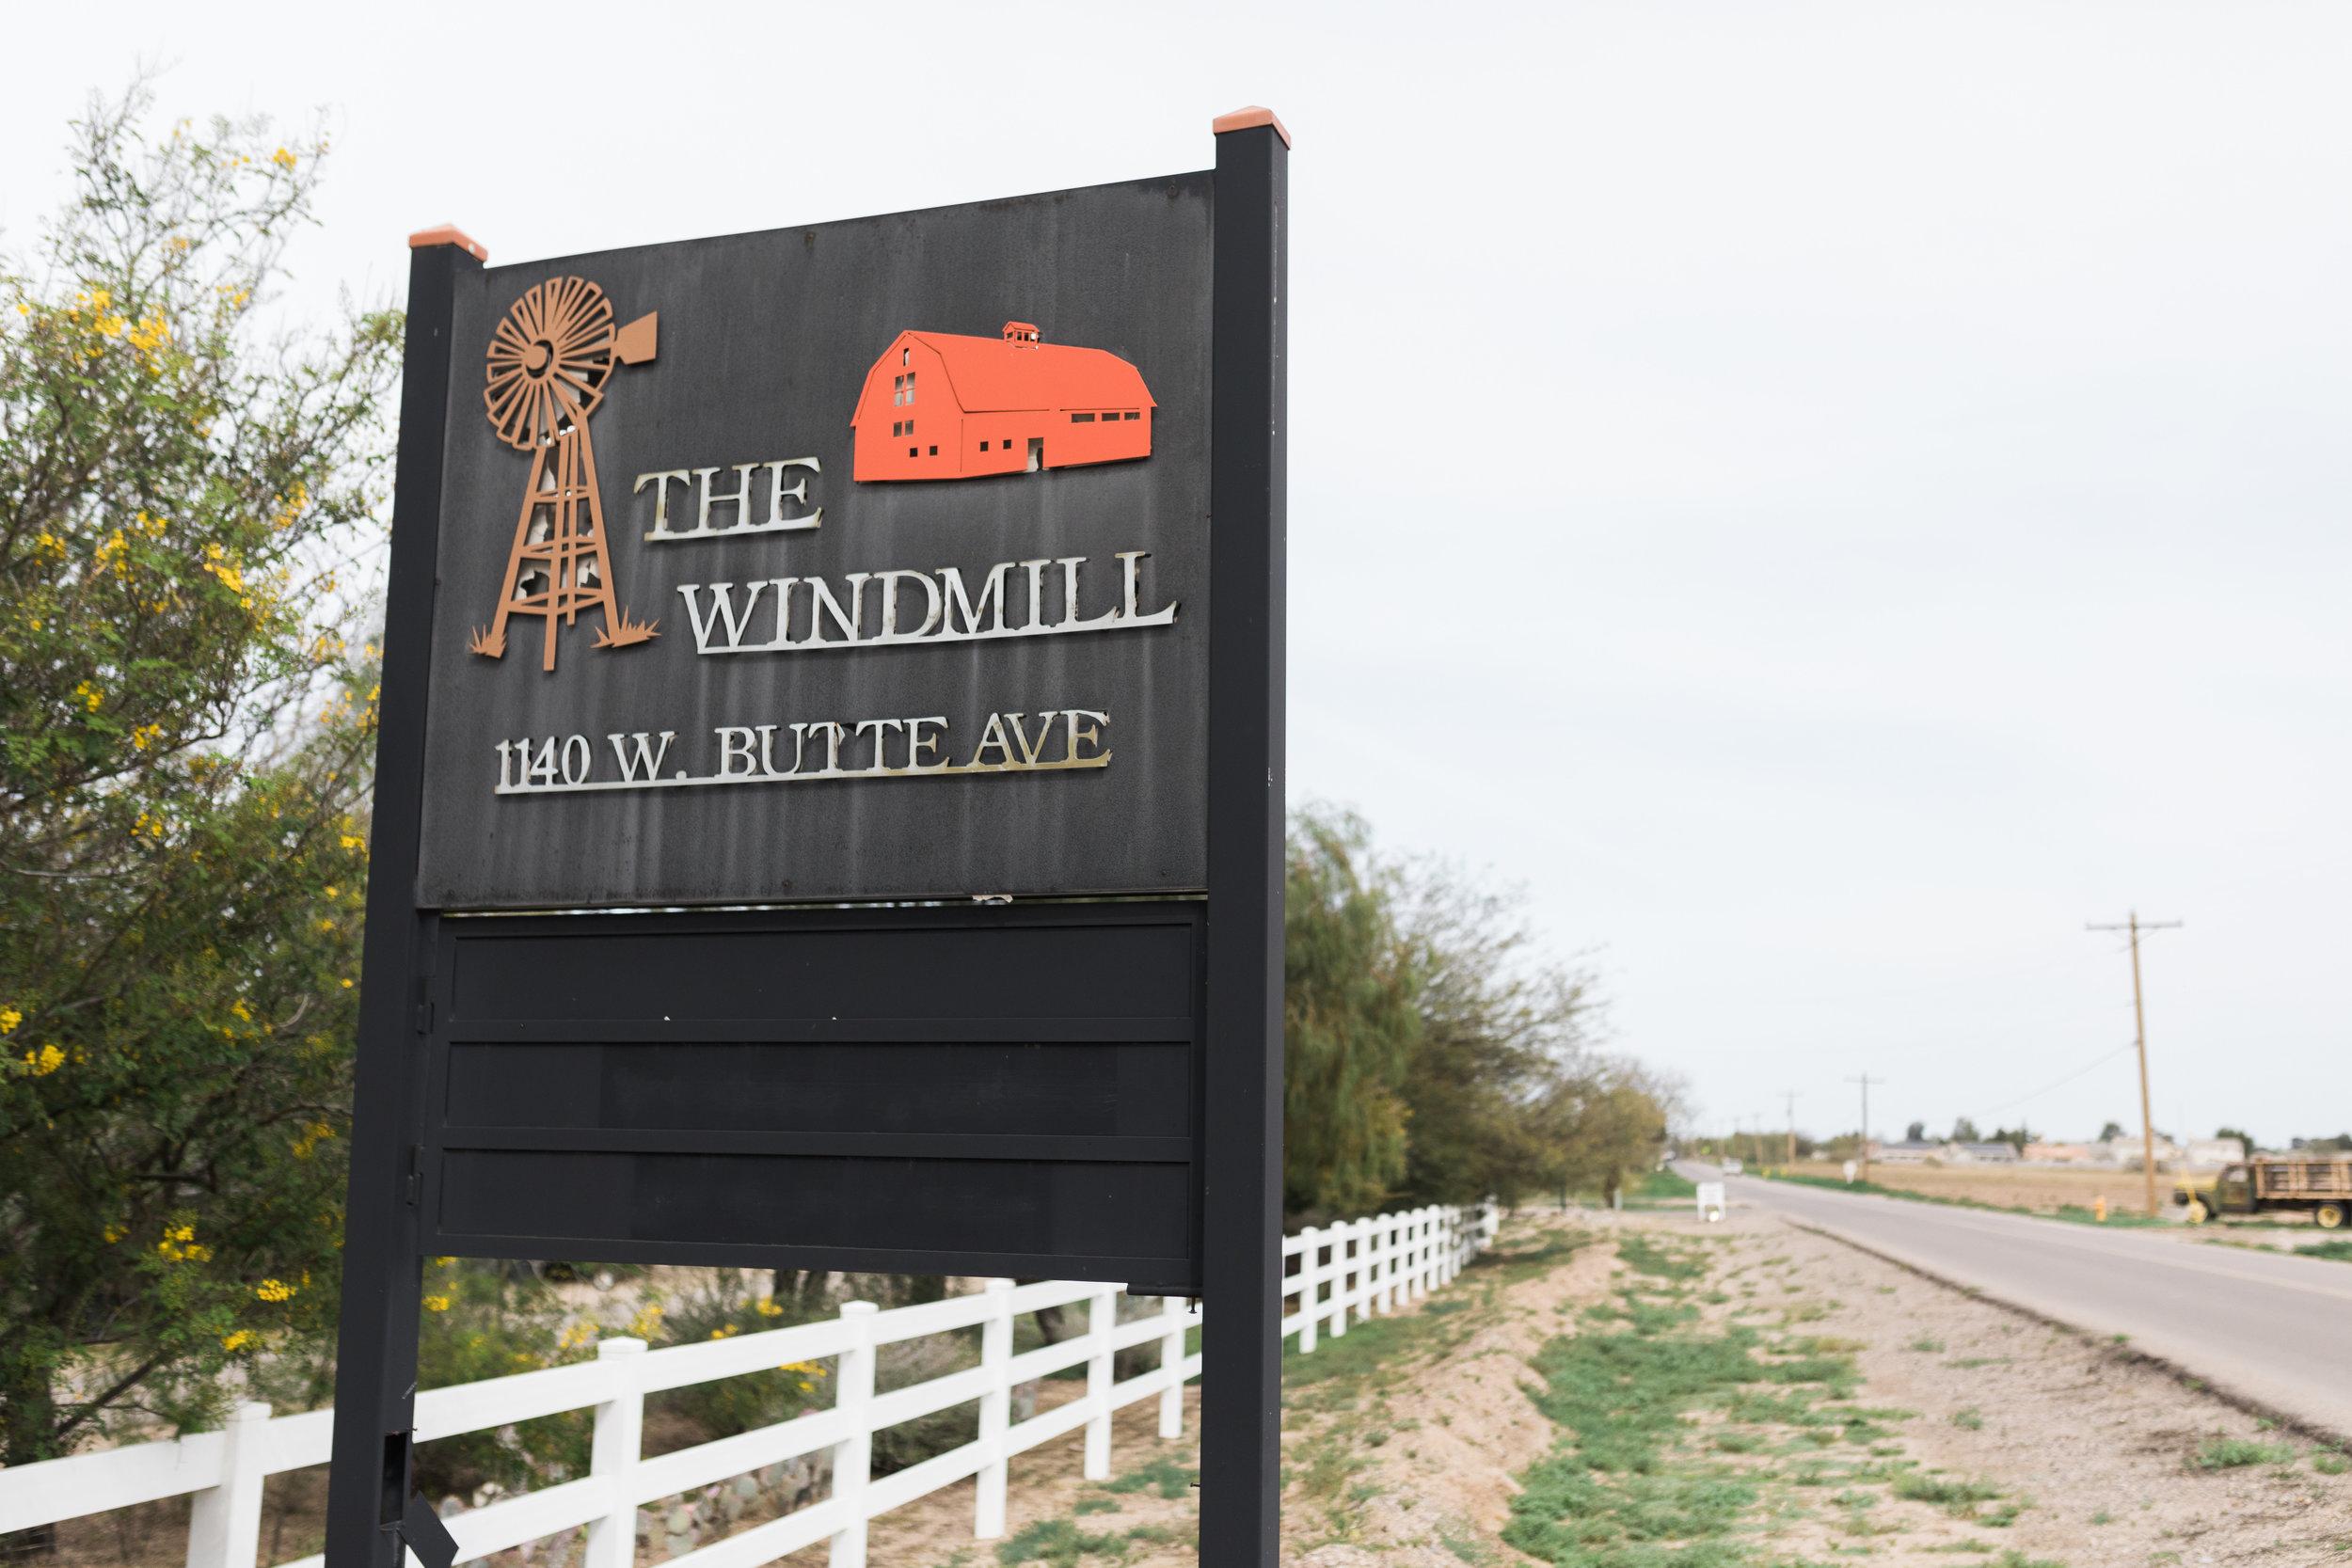 Windmill-Winery-Proposal-Tara-Nichole-Photo-Florence-Arizona-77.jpg